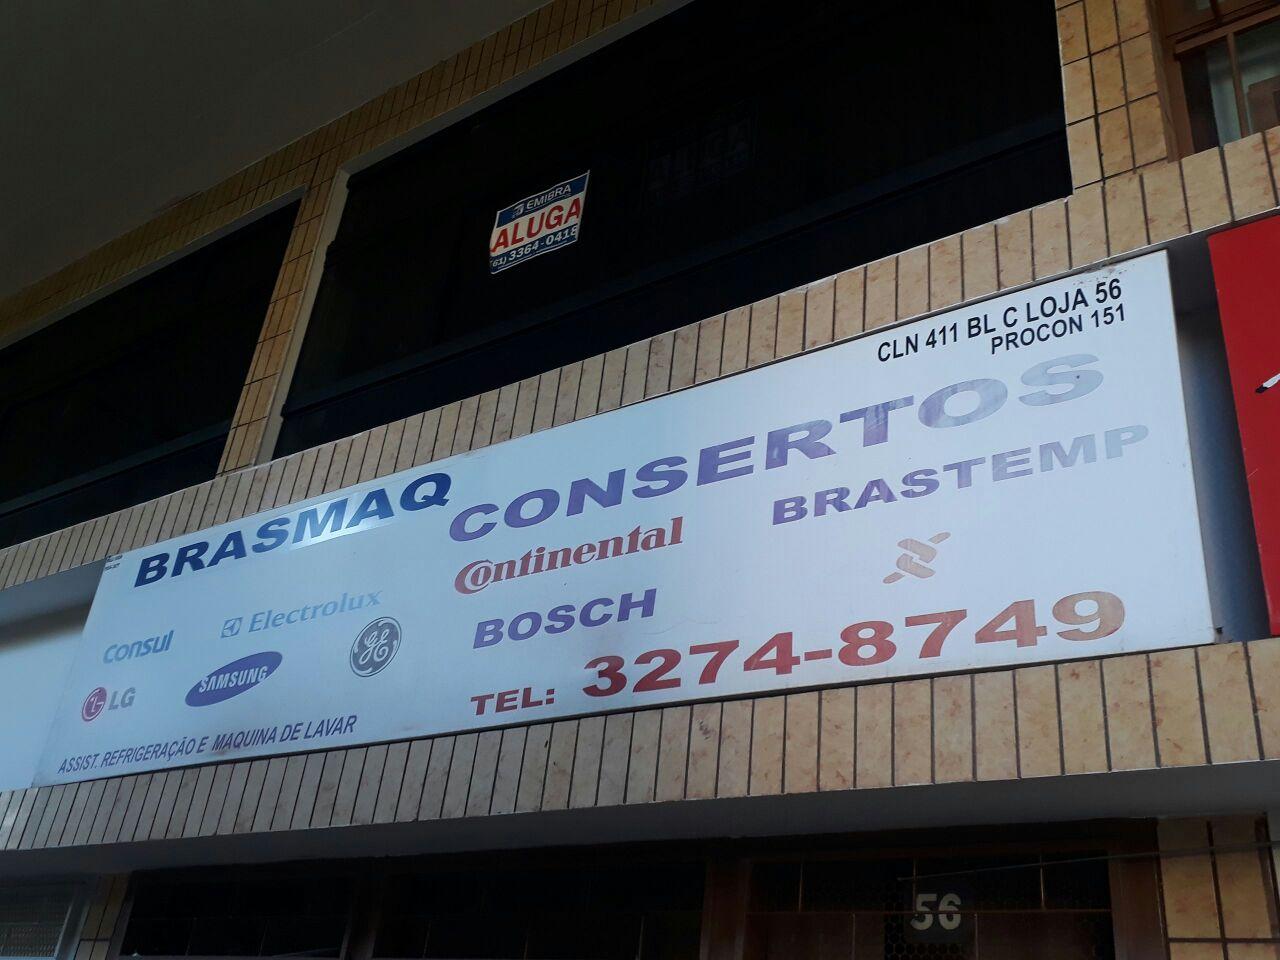 Brasmaq, ssistencia técnica especializada em refrigeração e máquina de lavar roupa, Bloco C, da 411 Norte, Asa Norte, Brasília